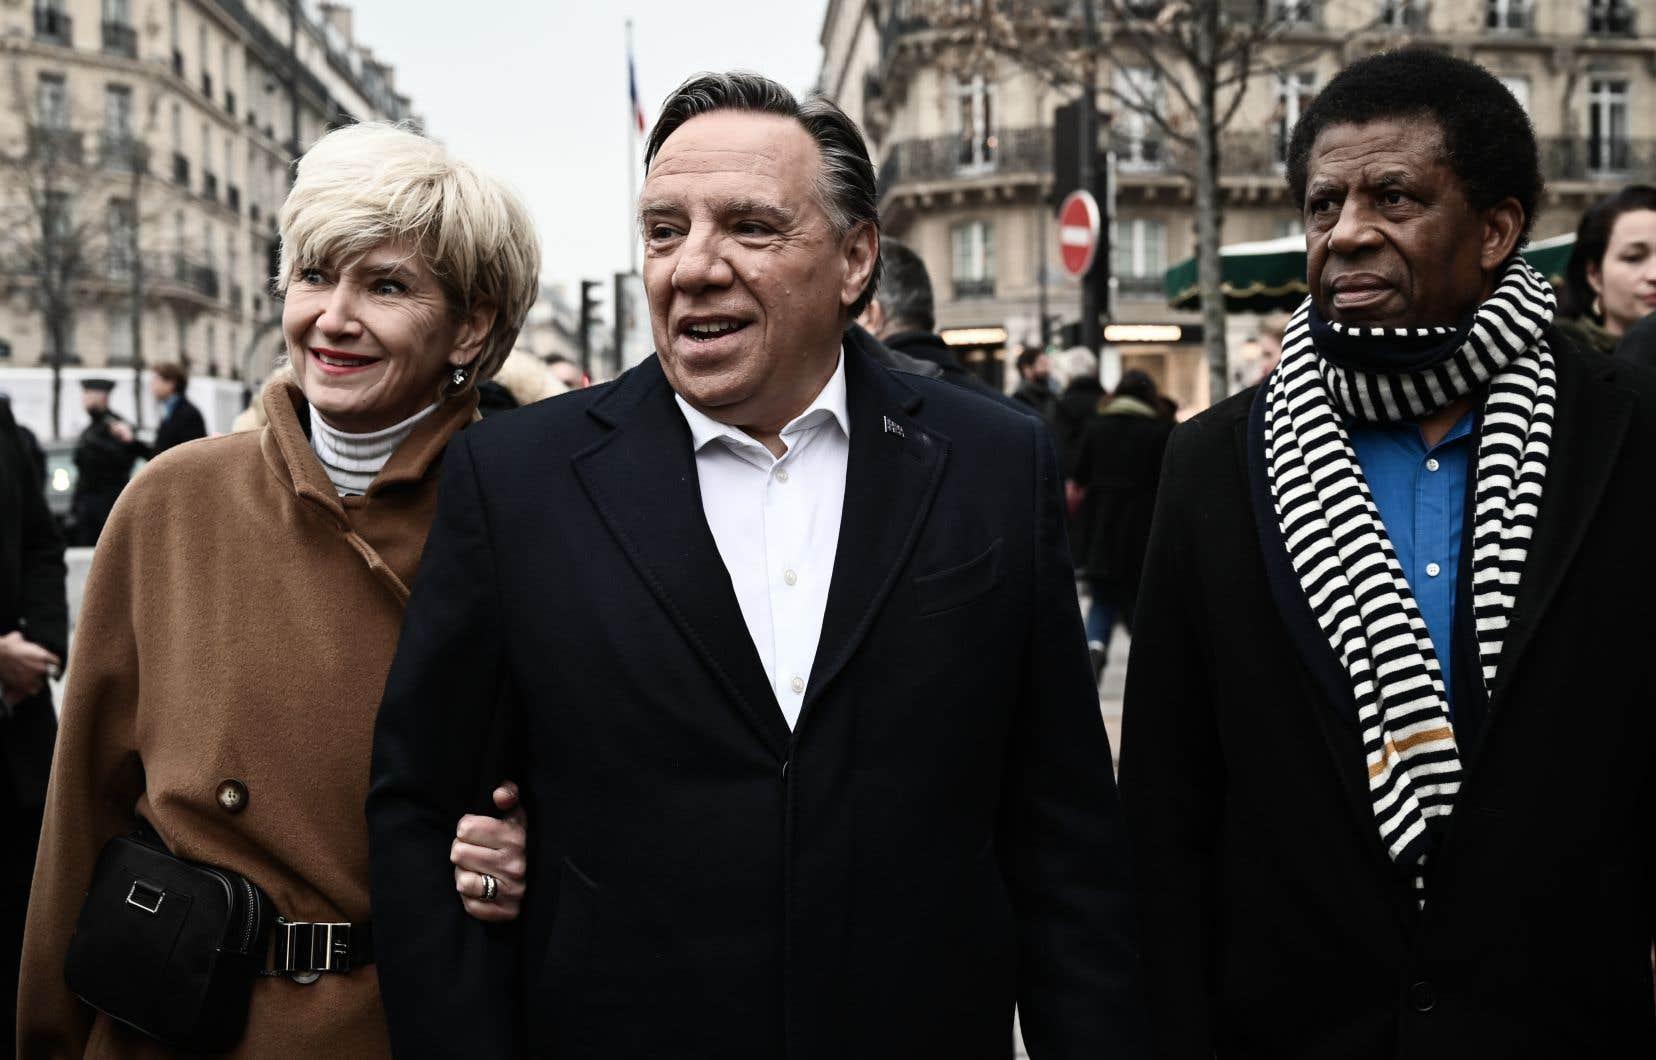 Arrivé dimanche à Paris, François Legault a entamé sa visite par une rencontre avec l'écrivain Dany Laferrière.